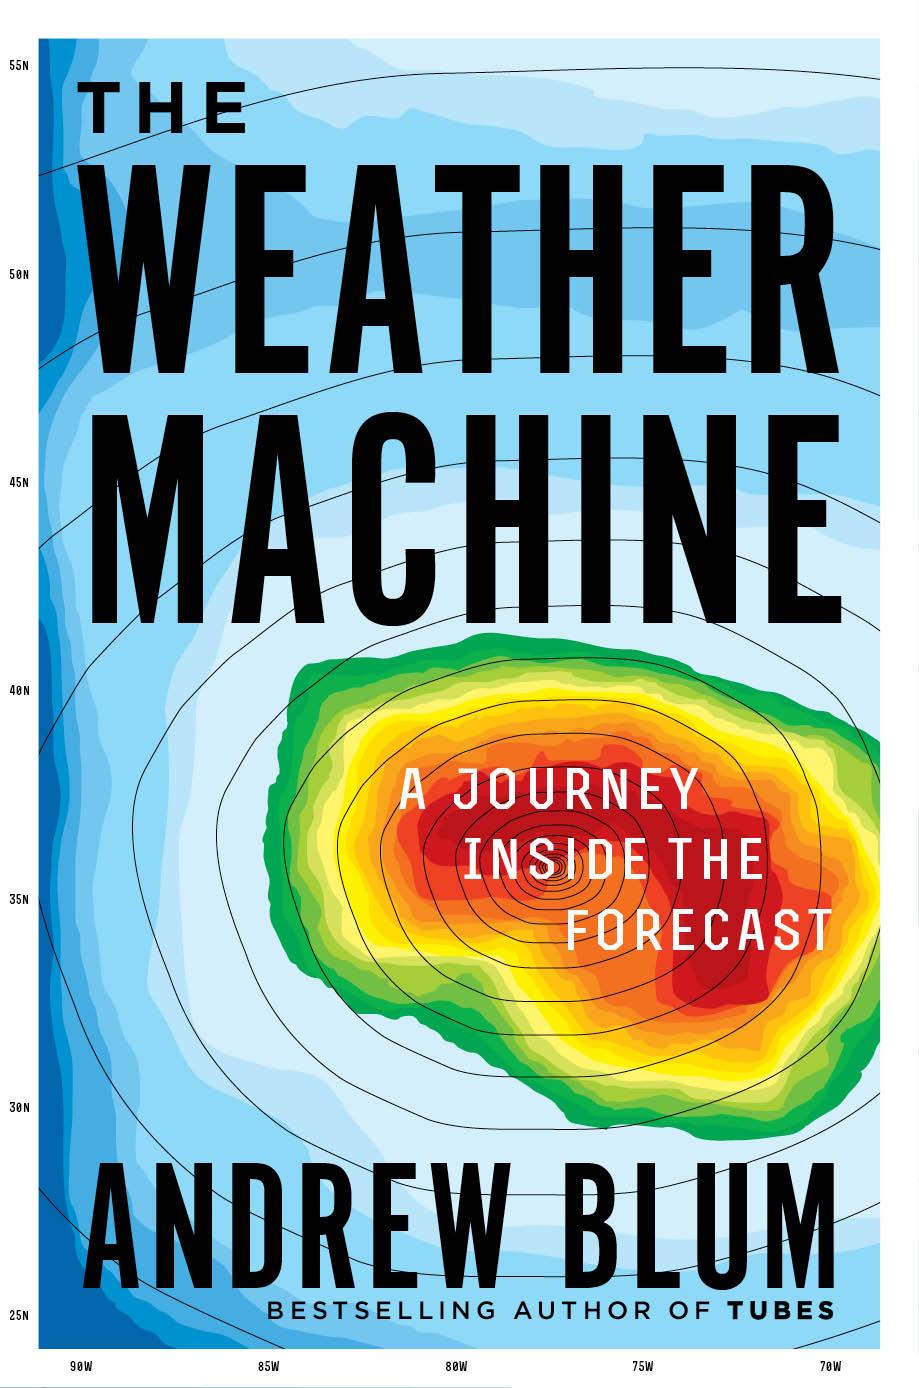 US Cover - Ecco/HarperCollins